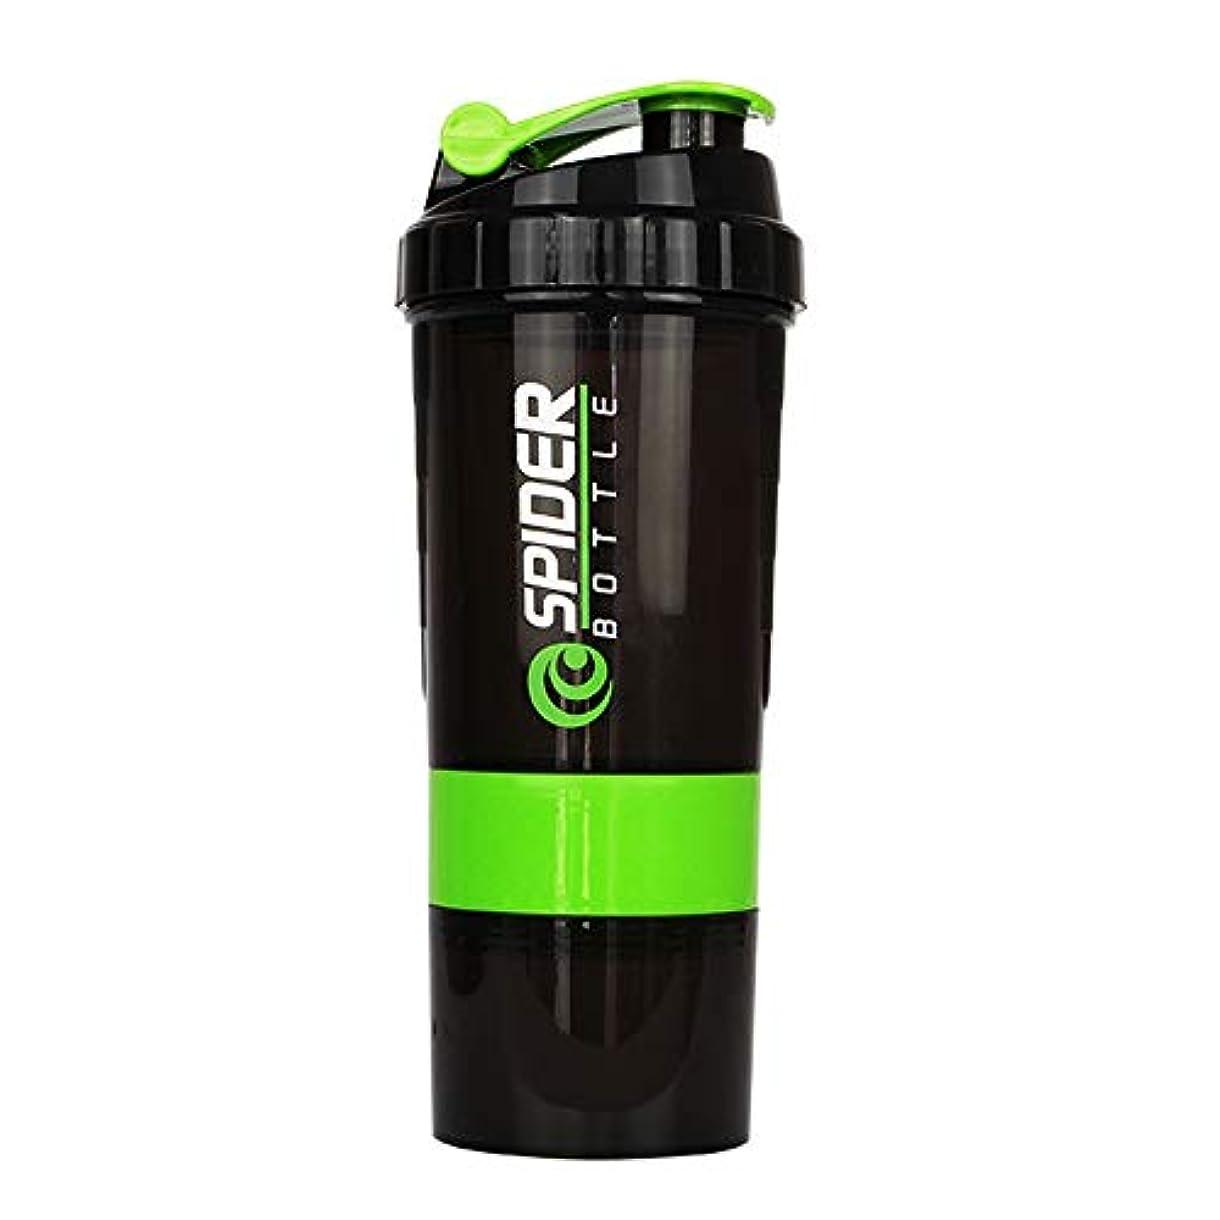 変換所有者前提条件プロテインシェイカー 500ml 多機能 シェーカーボトル (グリーン)